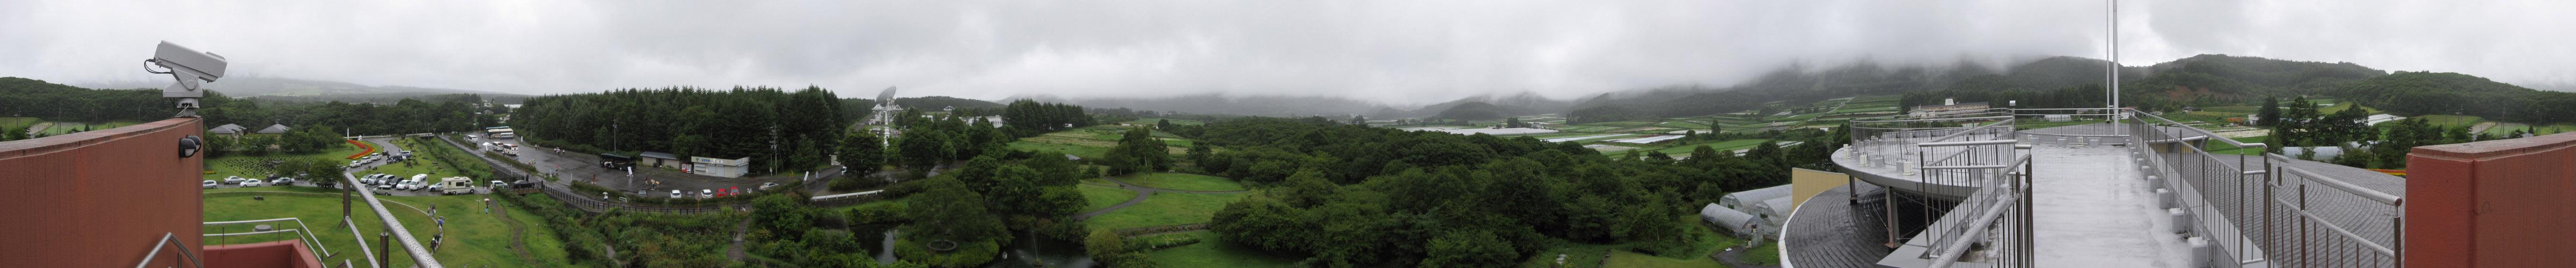 パノラマ:南牧村農村文化情報交流館からの眺め